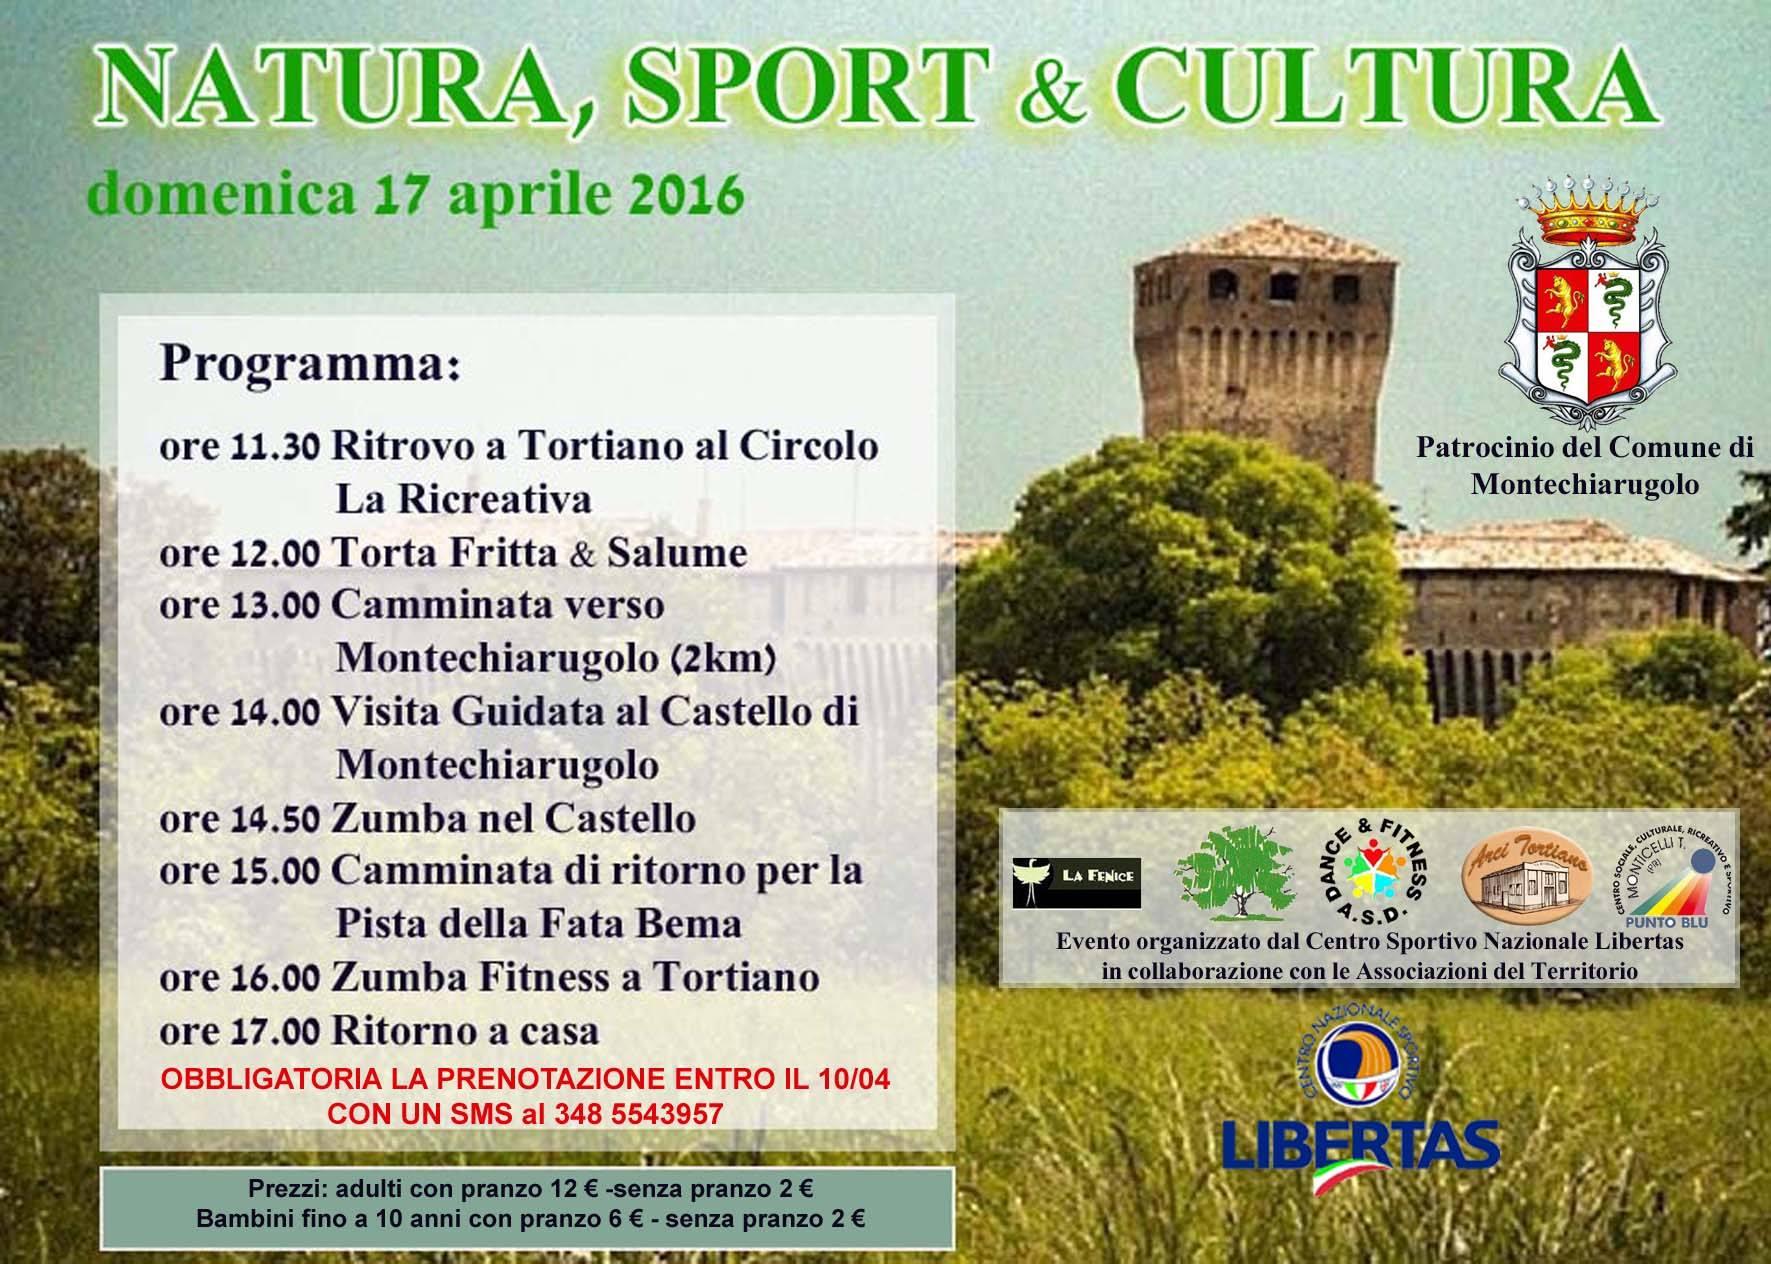 Natura, Sport & Cultura a Montechiarugolo - Family Day